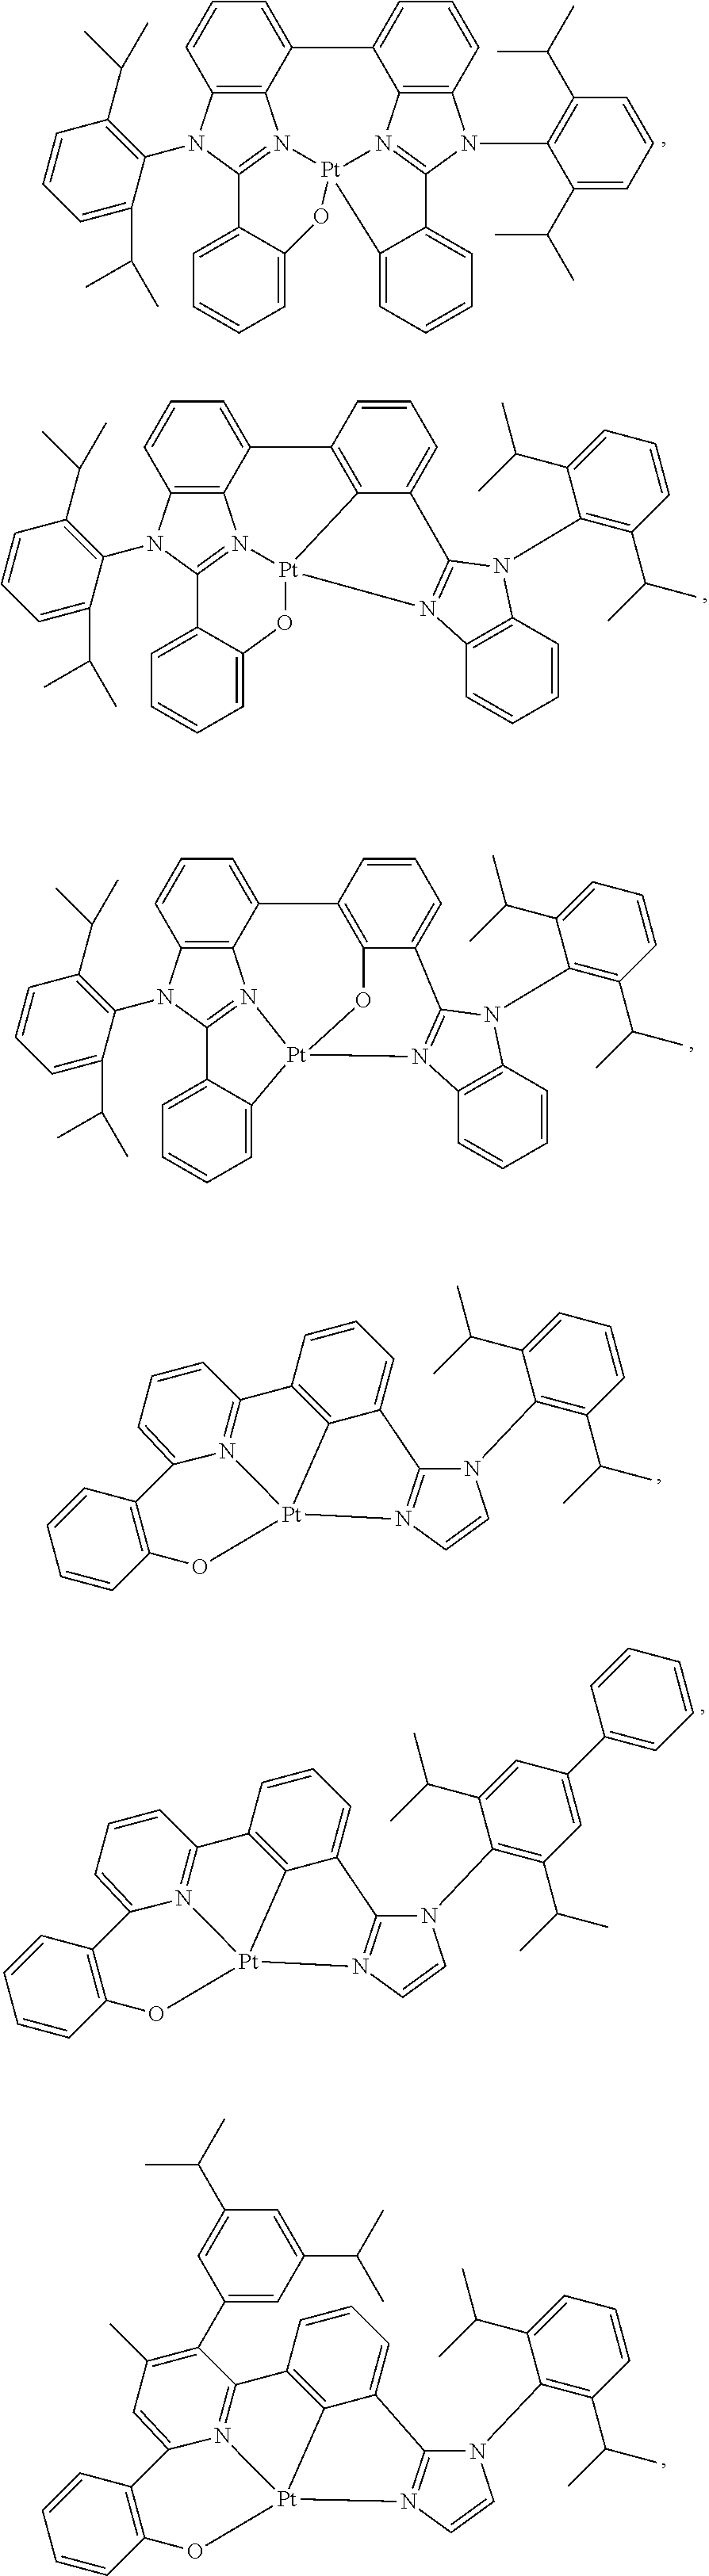 Figure US10144867-20181204-C00147